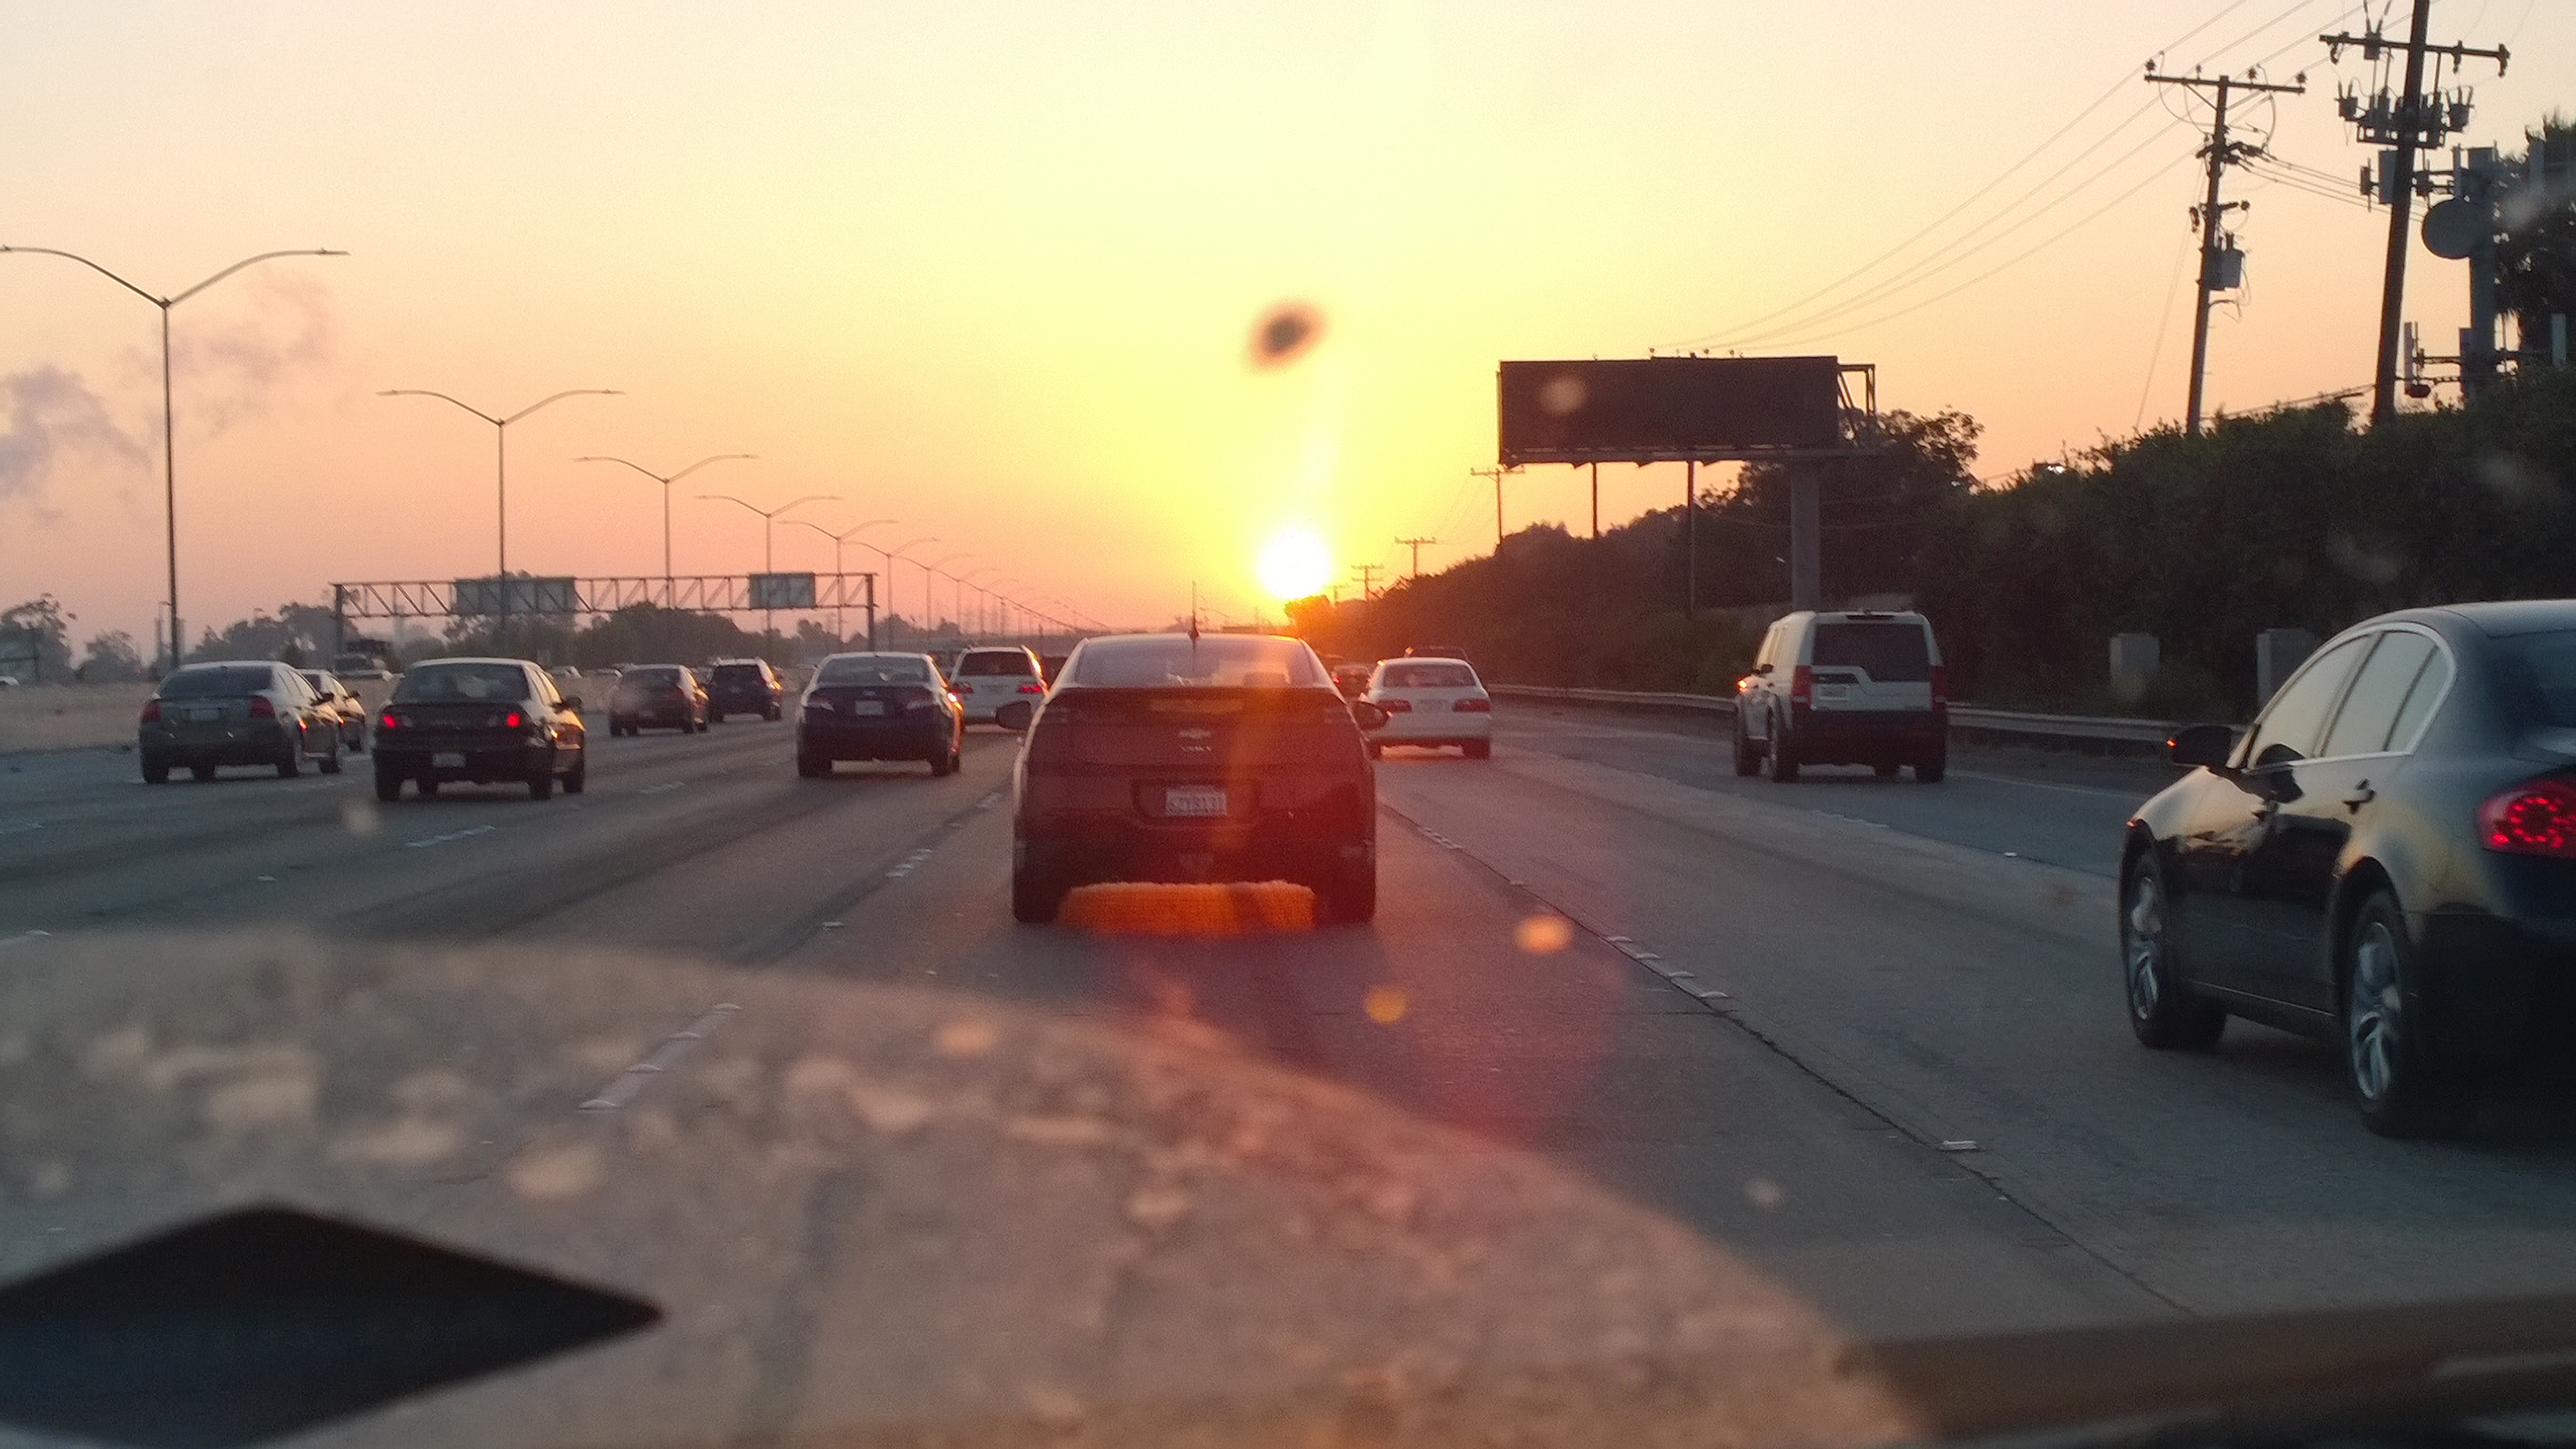 Sunset on the freeway photo